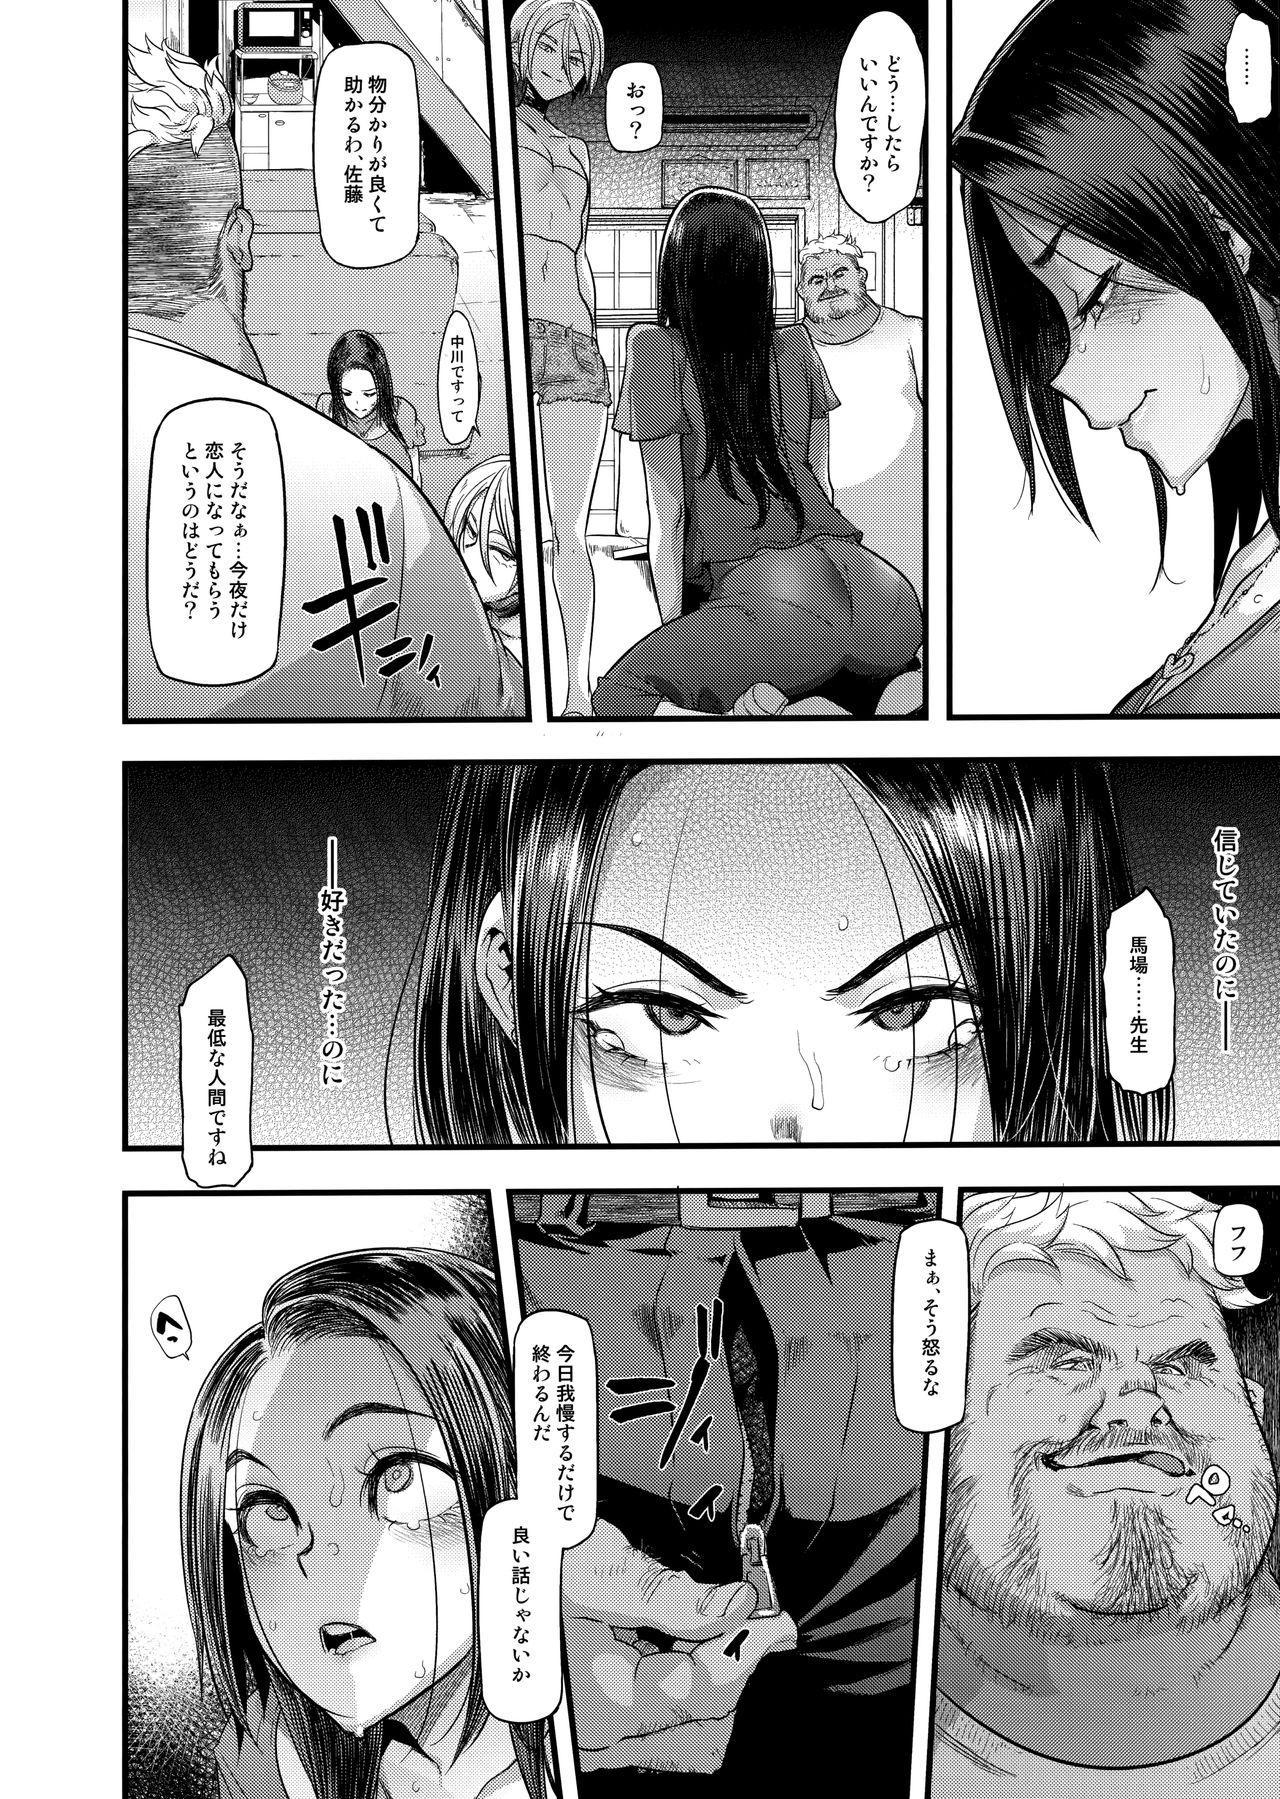 Yoki Tsuma - The Good Wife 29